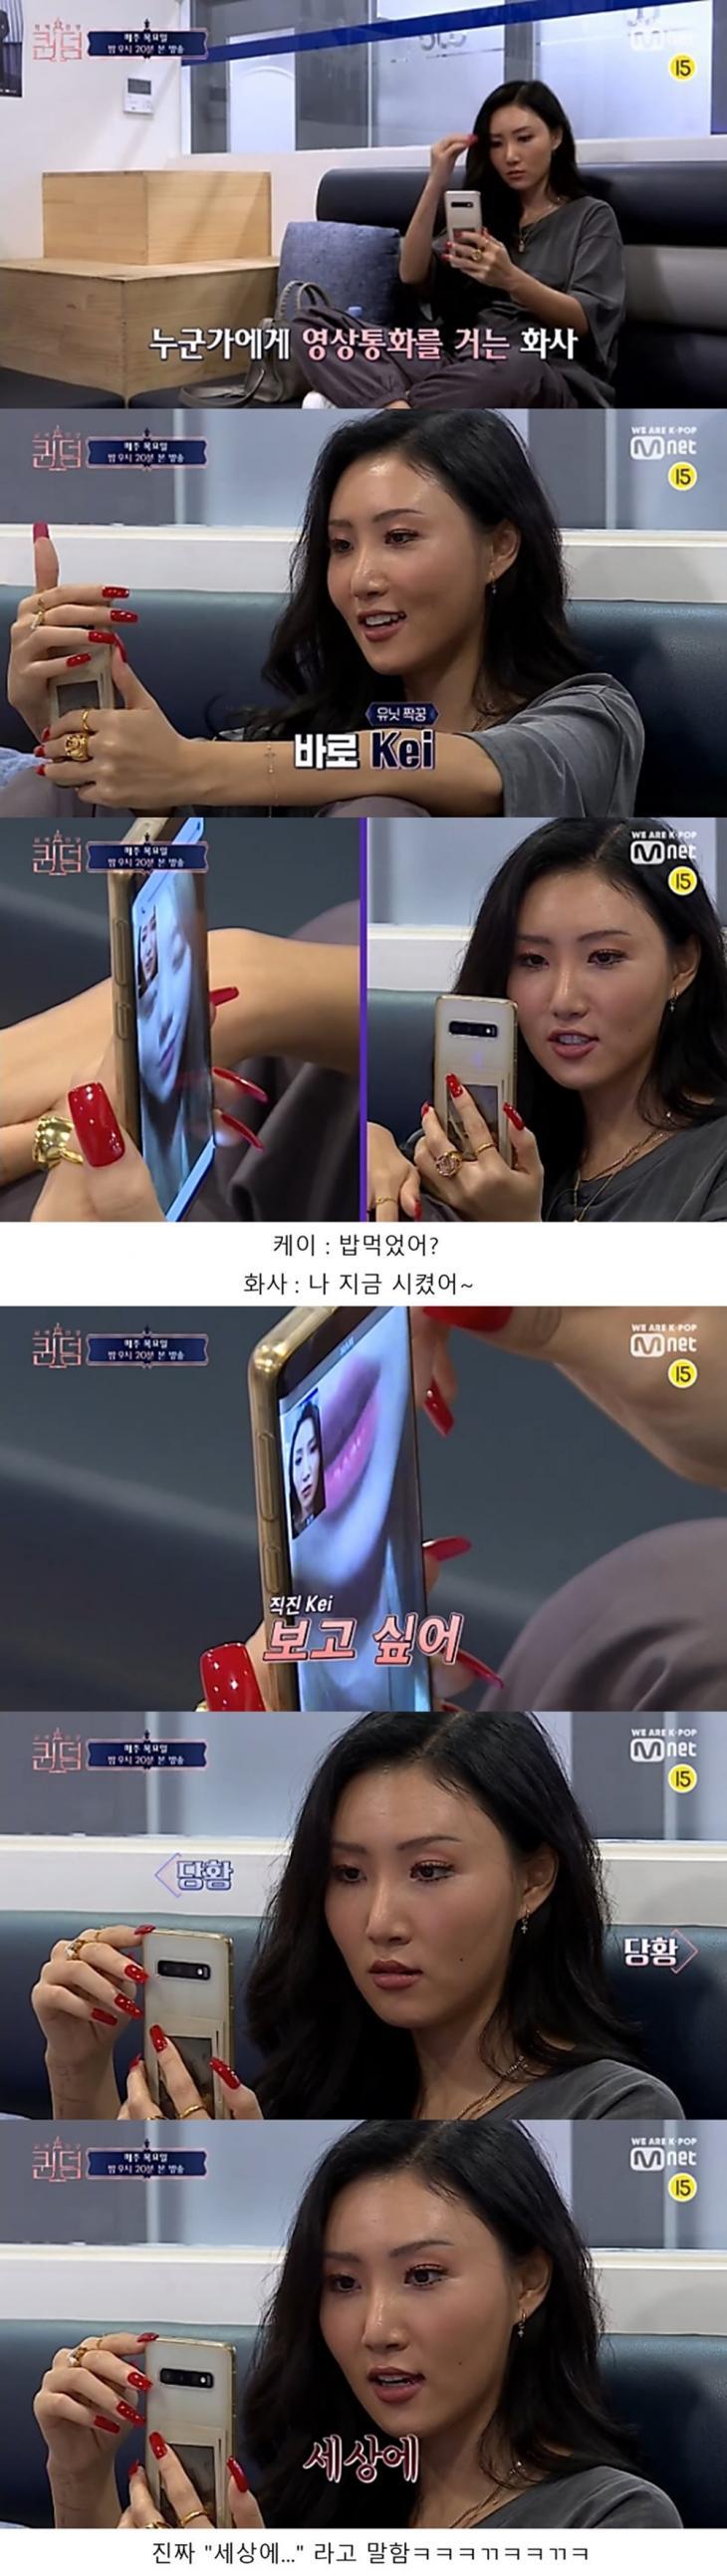 '퀸덤' 방송 캡처, 온라인 커뮤니티